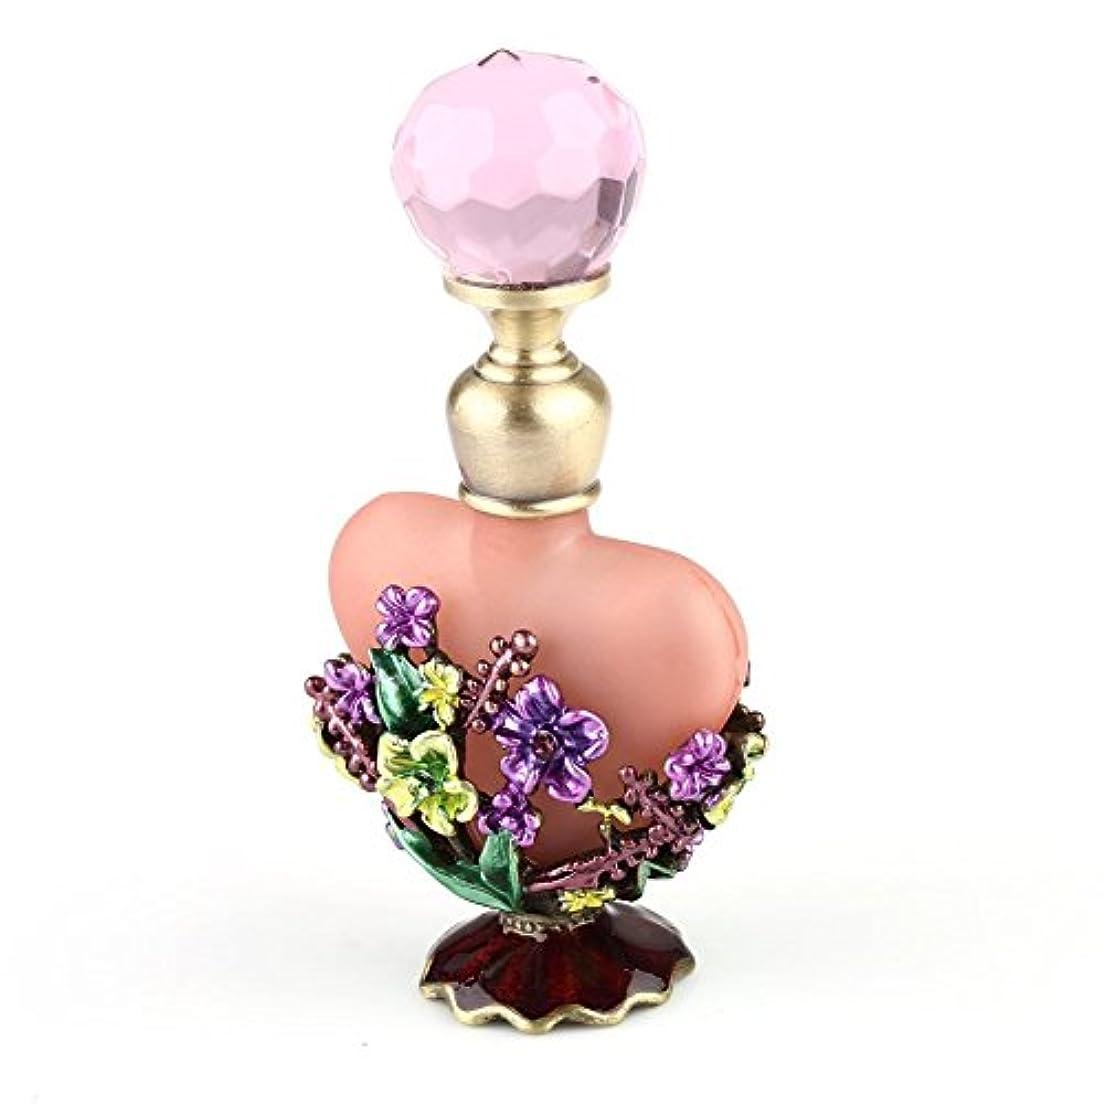 パンサープレゼント合図VERY100 高品質 美しい香水瓶/アロマボトル 5ML ピンク アロマオイル用瓶 綺麗アンティーク調フラワーデザイン プレゼント 結婚式 飾り